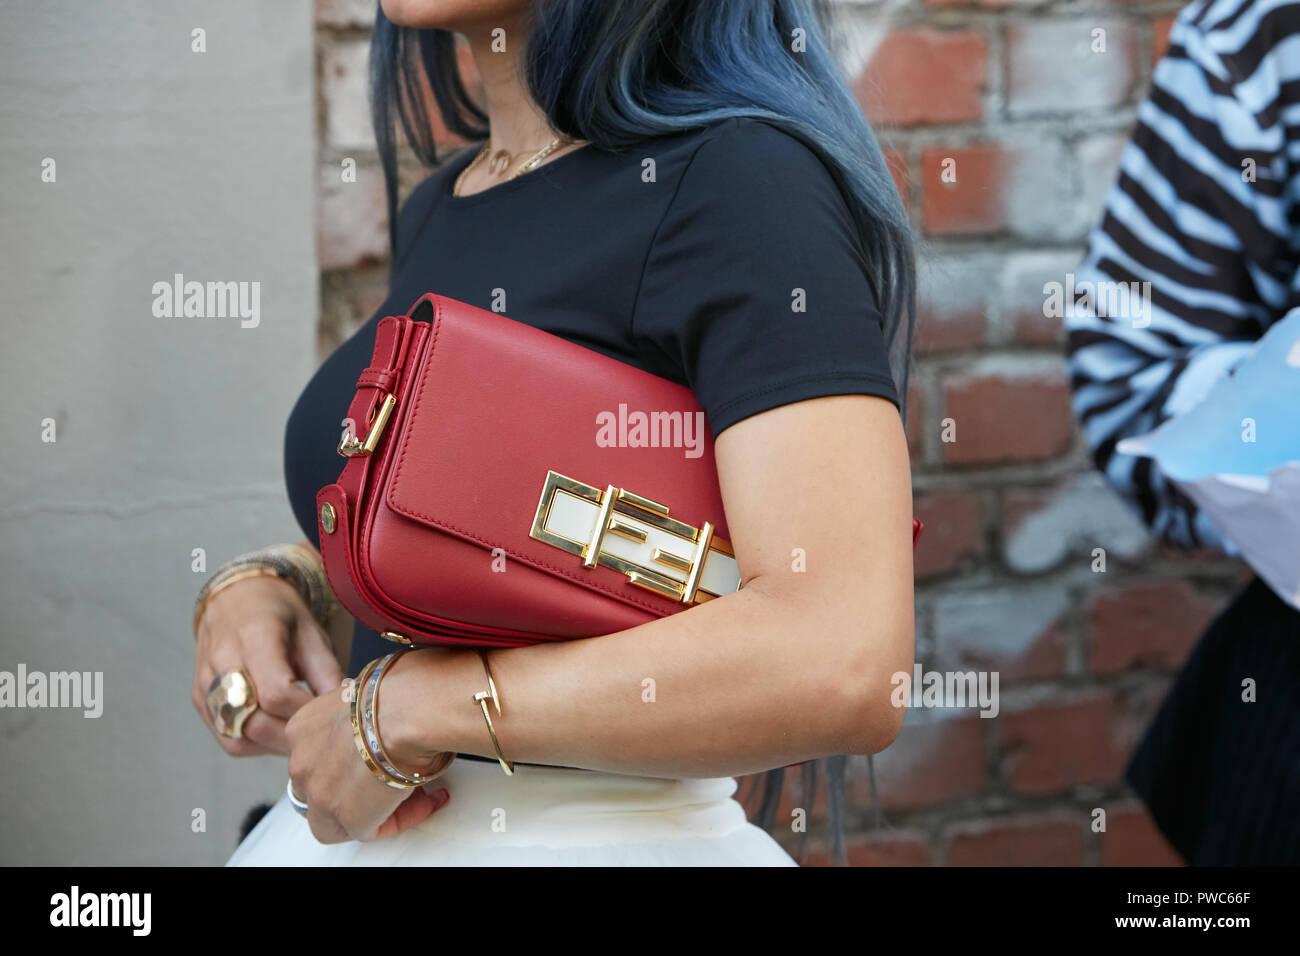 MILAN, ITALIE - 20 septembre 2018   Femme avec Fendi Sac en cuir rouge et  or bracelets Cartier avant Fendi fashion show, Milan Fashion Week street 1d1ad022abd